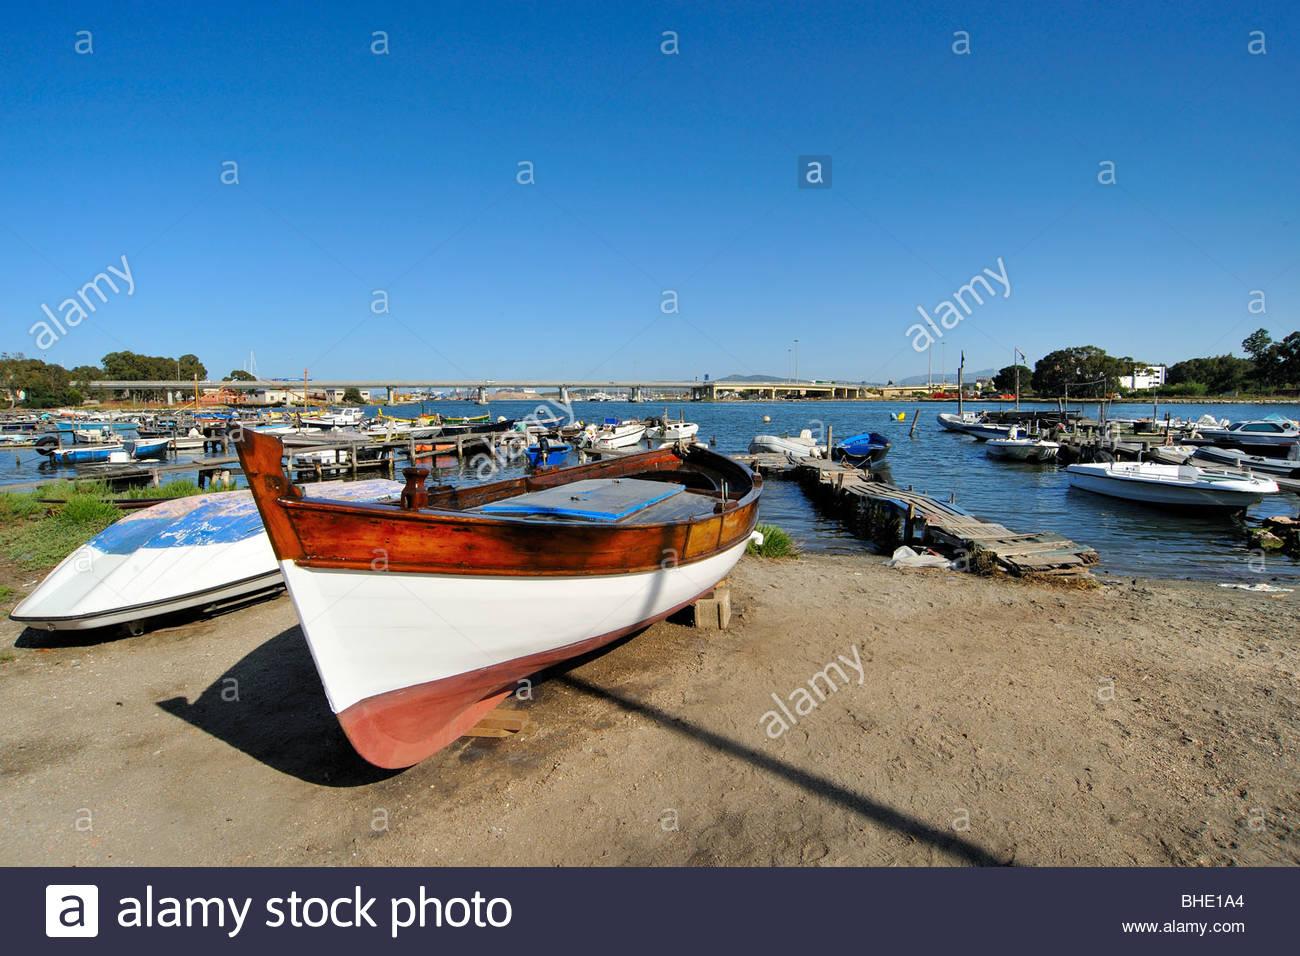 dock, olbia, sardinia, italy - Stock Image